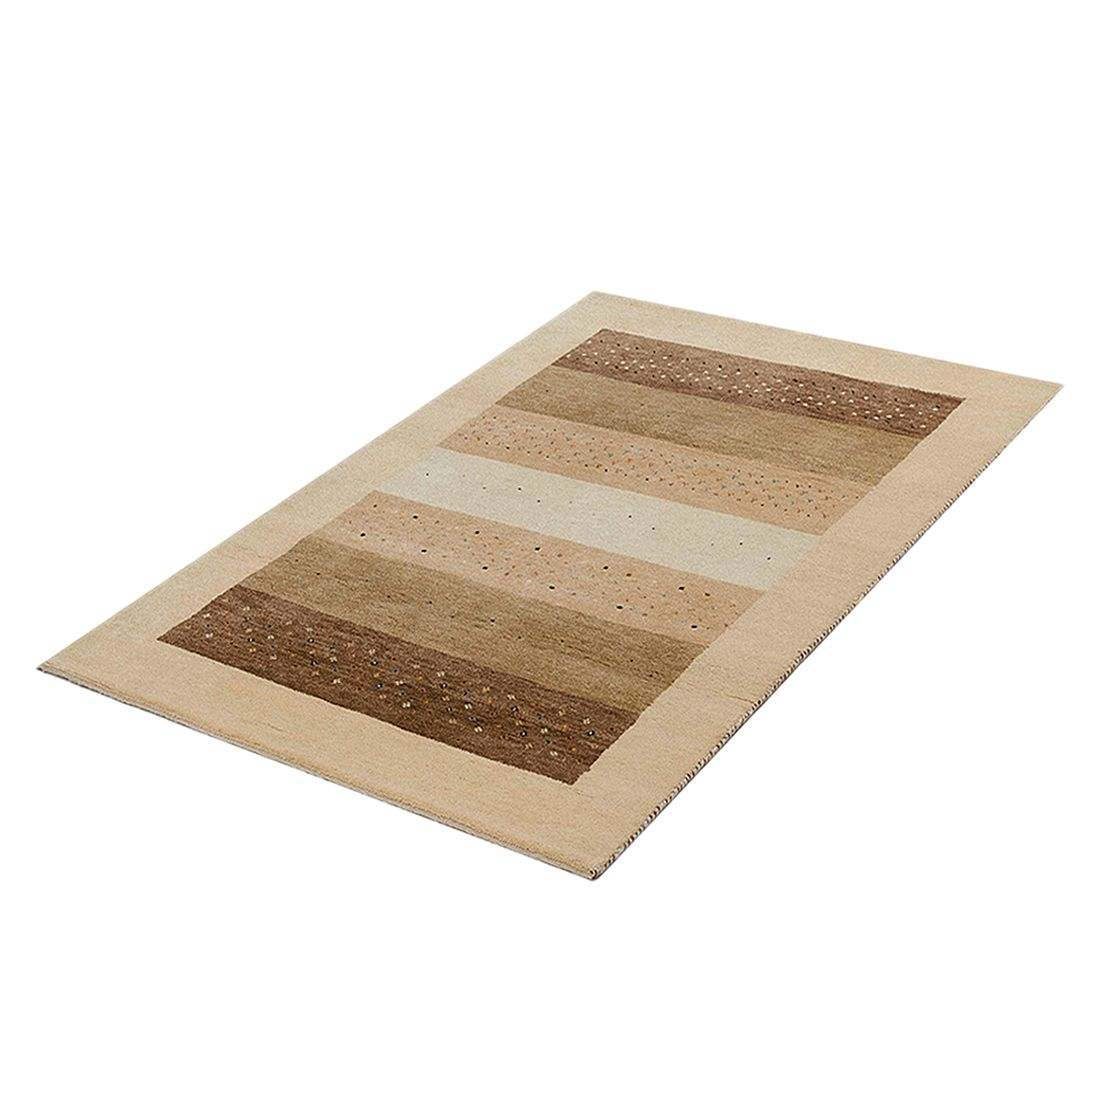 Teppich-Indo Gabbeh Yamunanagar – Braun – 60 x 90 cm, Parwis jetzt bestellen